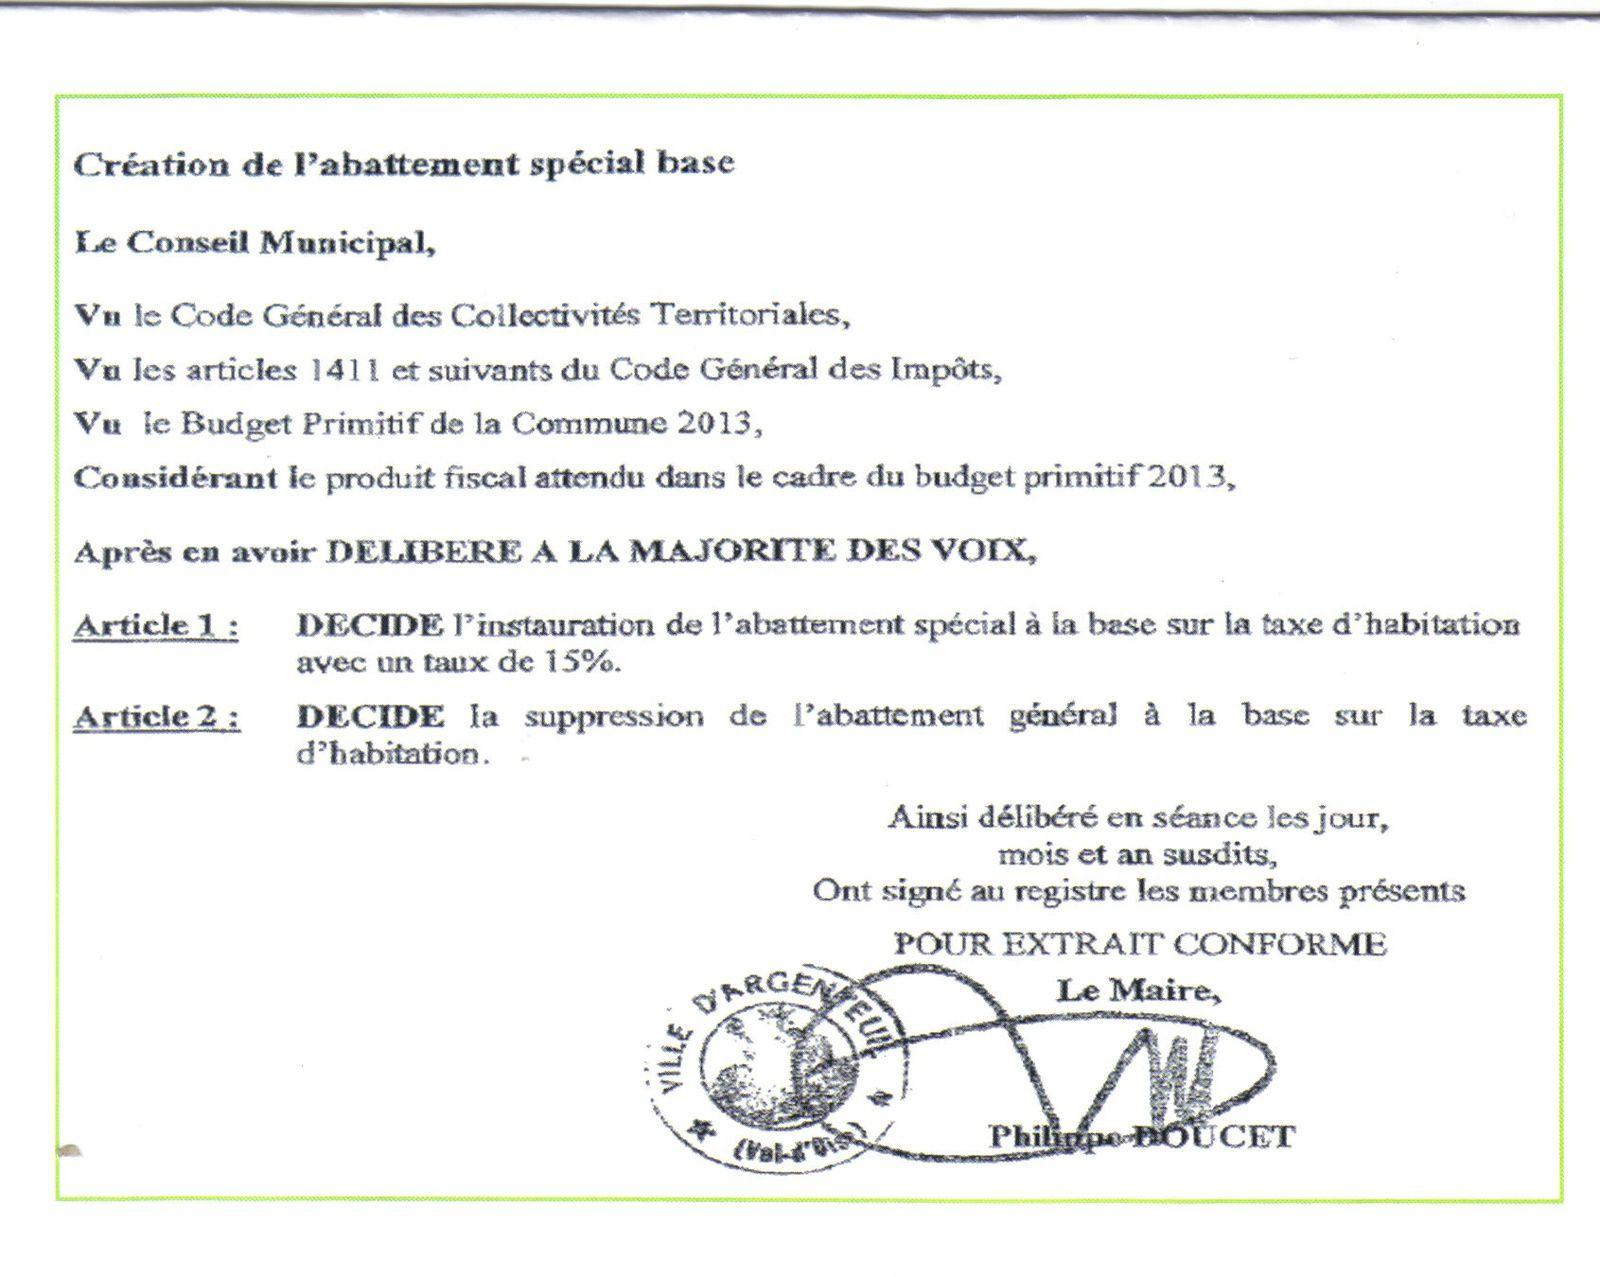 Extrait du compte rendu du Conseil Municipal du 1er février 2013